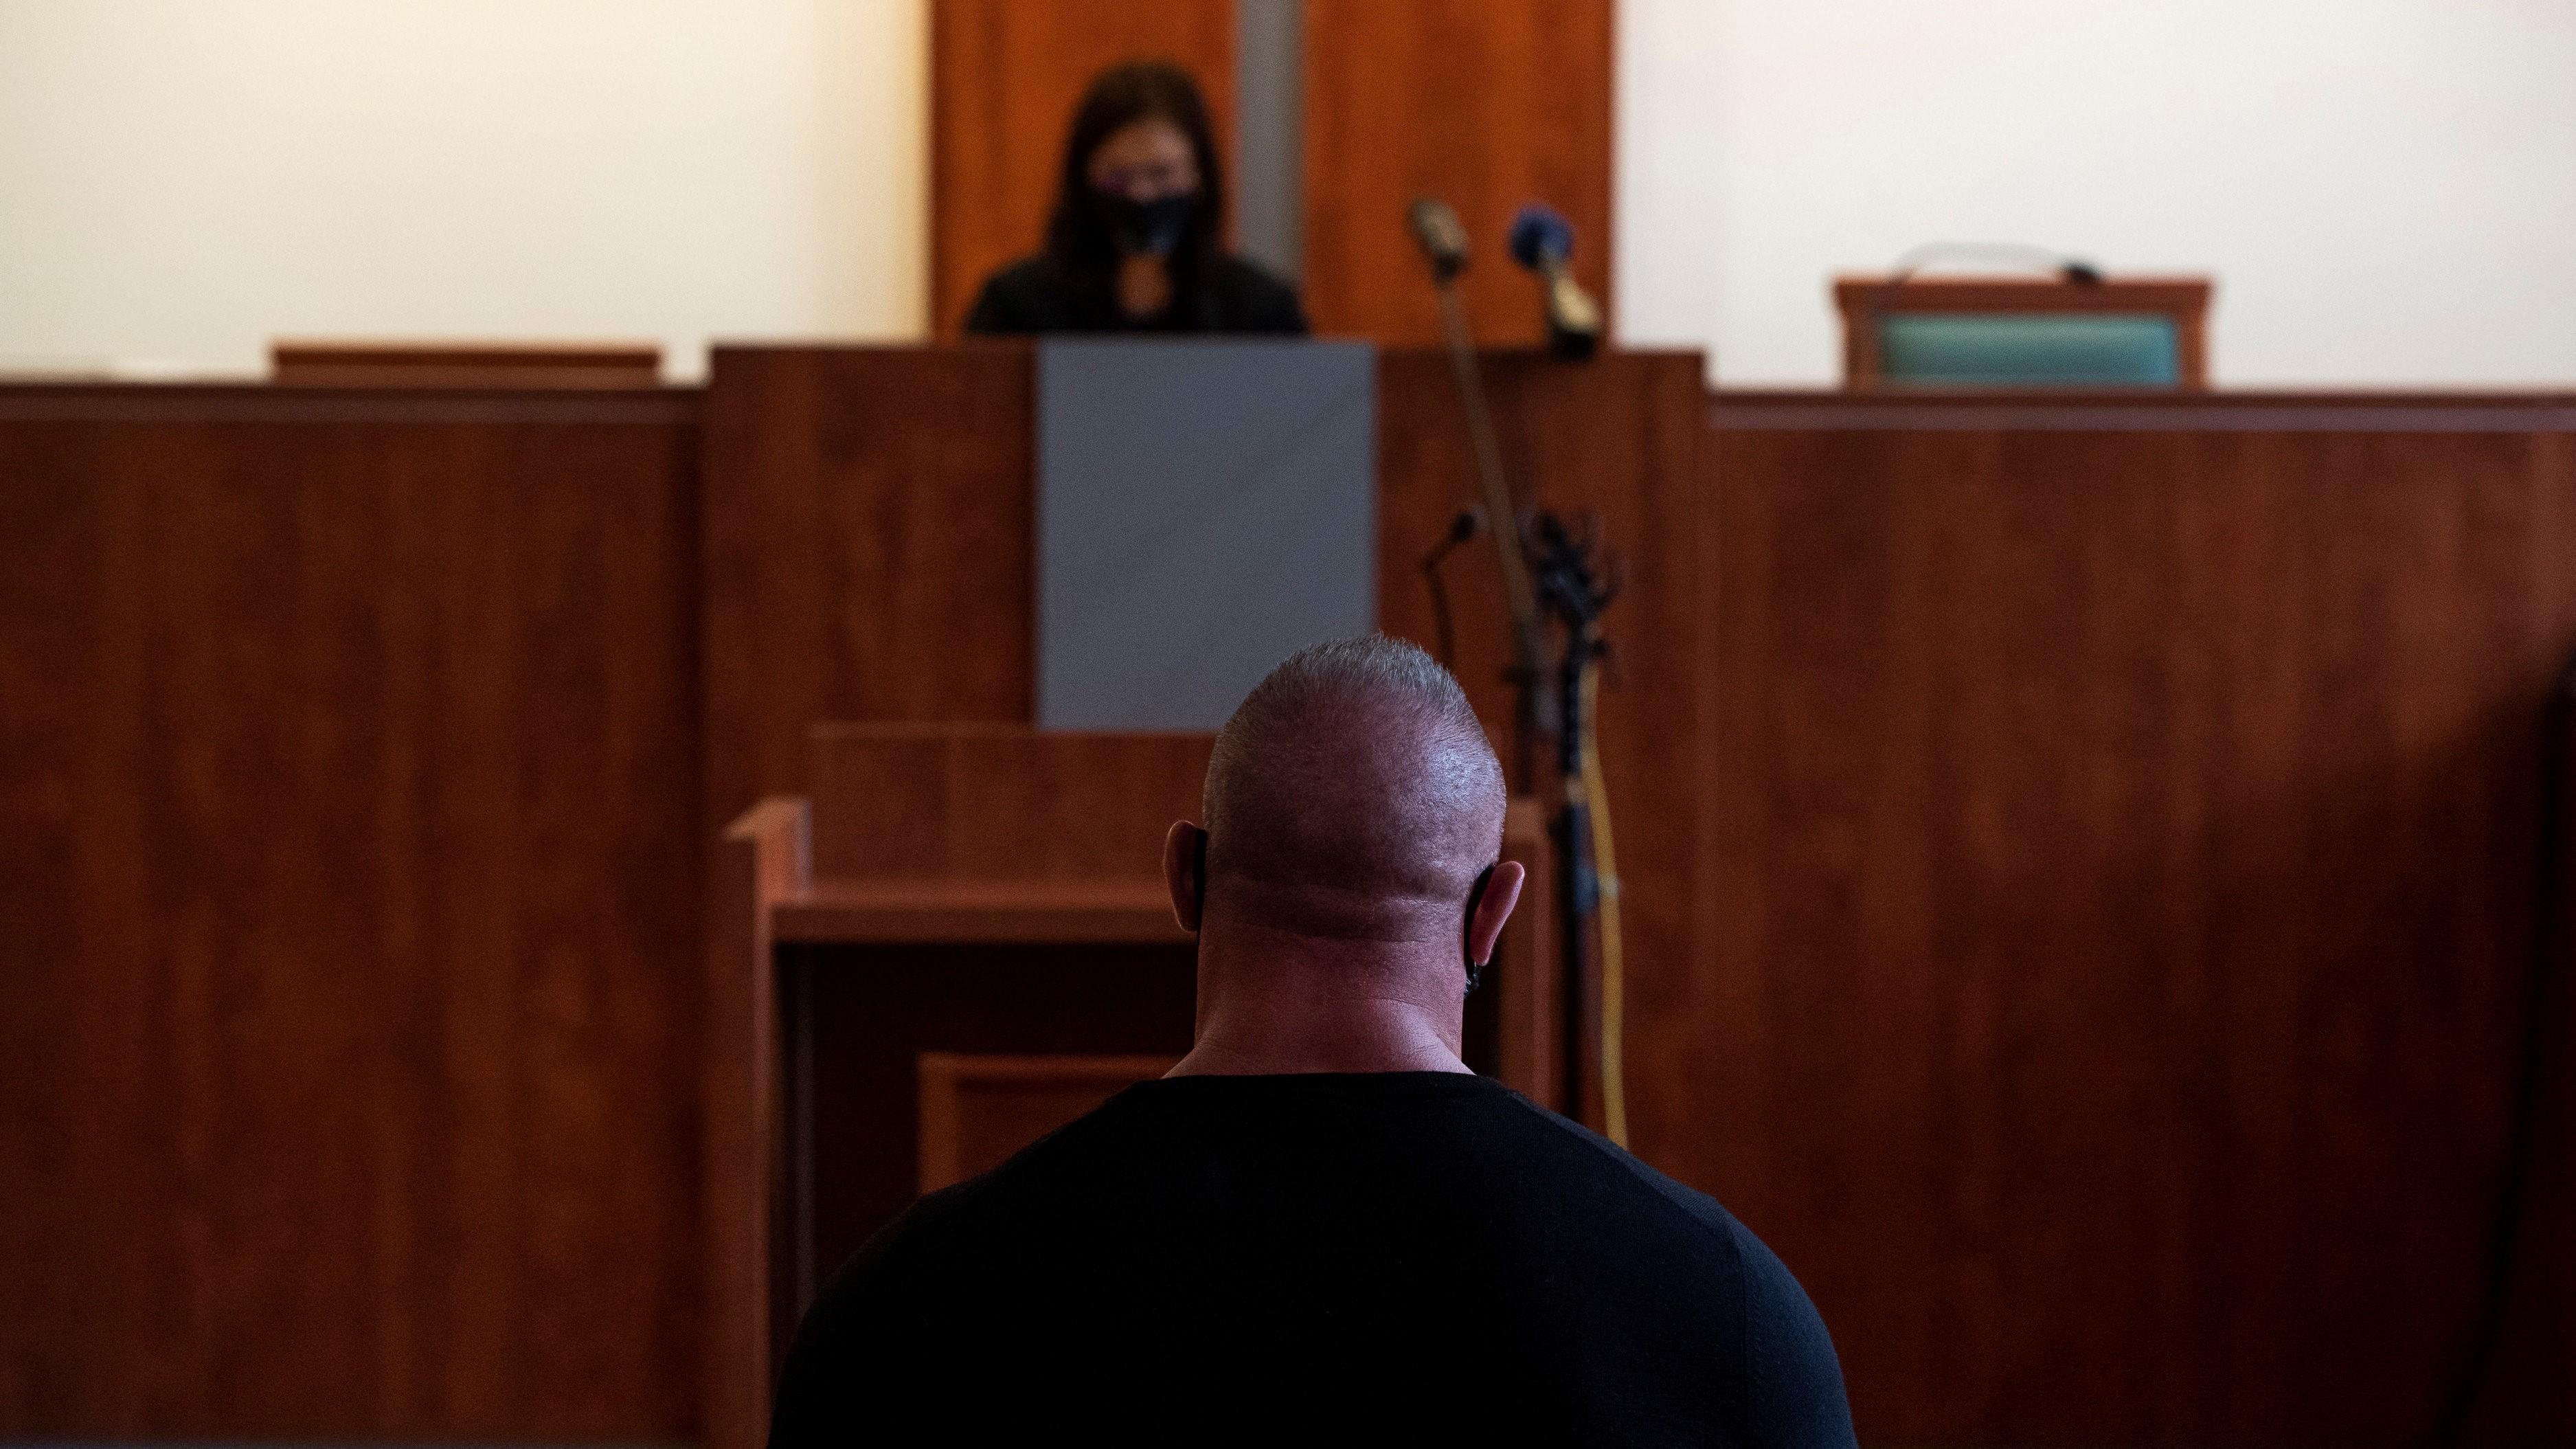 Varga Bea bírót hallgatja az elsőrendű vádlott M. Richárd az ellene és további két ember ellen a 2017 májusában a fővárosi Dózsa György úton történt halálos közúti baleset ügyében indított büntetőper tárgyalásán a Pesti Központi Kerületi Bíróságon 2020. szeptember 30-án. A bíróság négy év fogházra ítélte első fokon és véglegesen eltiltotta a járművezetéstől M. Richárdot halálos közúti baleset gondatlan okozása, valamint garázdaság és könnyű testi sértés miatt